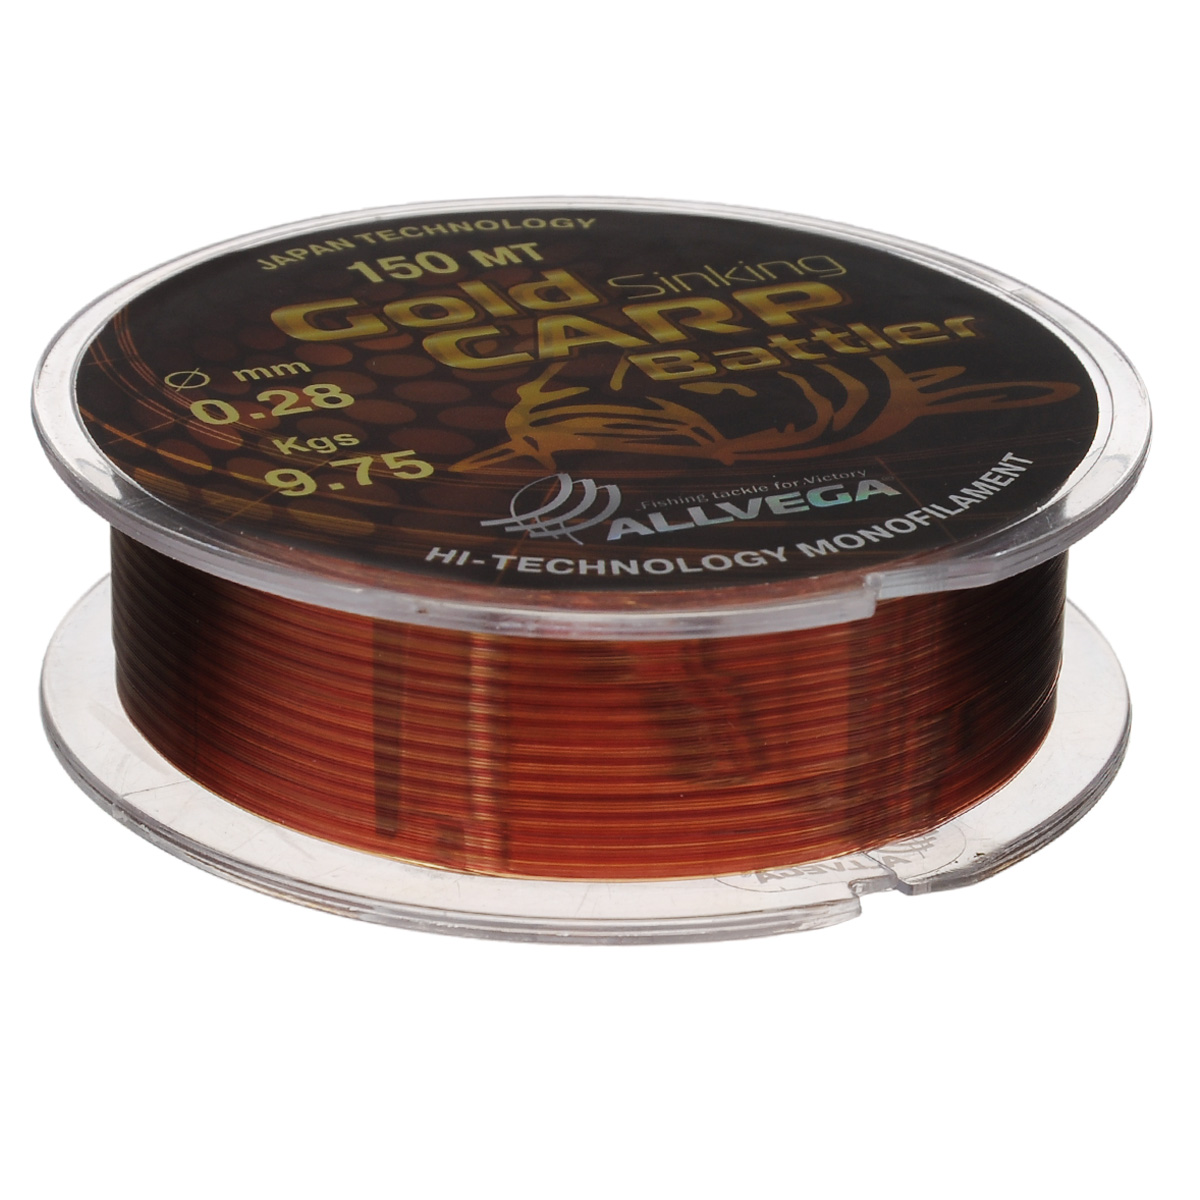 Леска Allvega Gold Karp Battler, цвет: коричневый, 150 м, 0,28 мм, 9,75 кг39949Карповая леска Allvega Gold Karp Battler была разработана для ловли действительно крупной рыбы. Способна противостоять большим нагрузкам в условиях густой растительности и коряжнике. Специальный цвет имеет неоднородную структуру, что позволяет быть не заметной на дне. Хорошо тонет, что является важным критерием для выбора карповой лески.